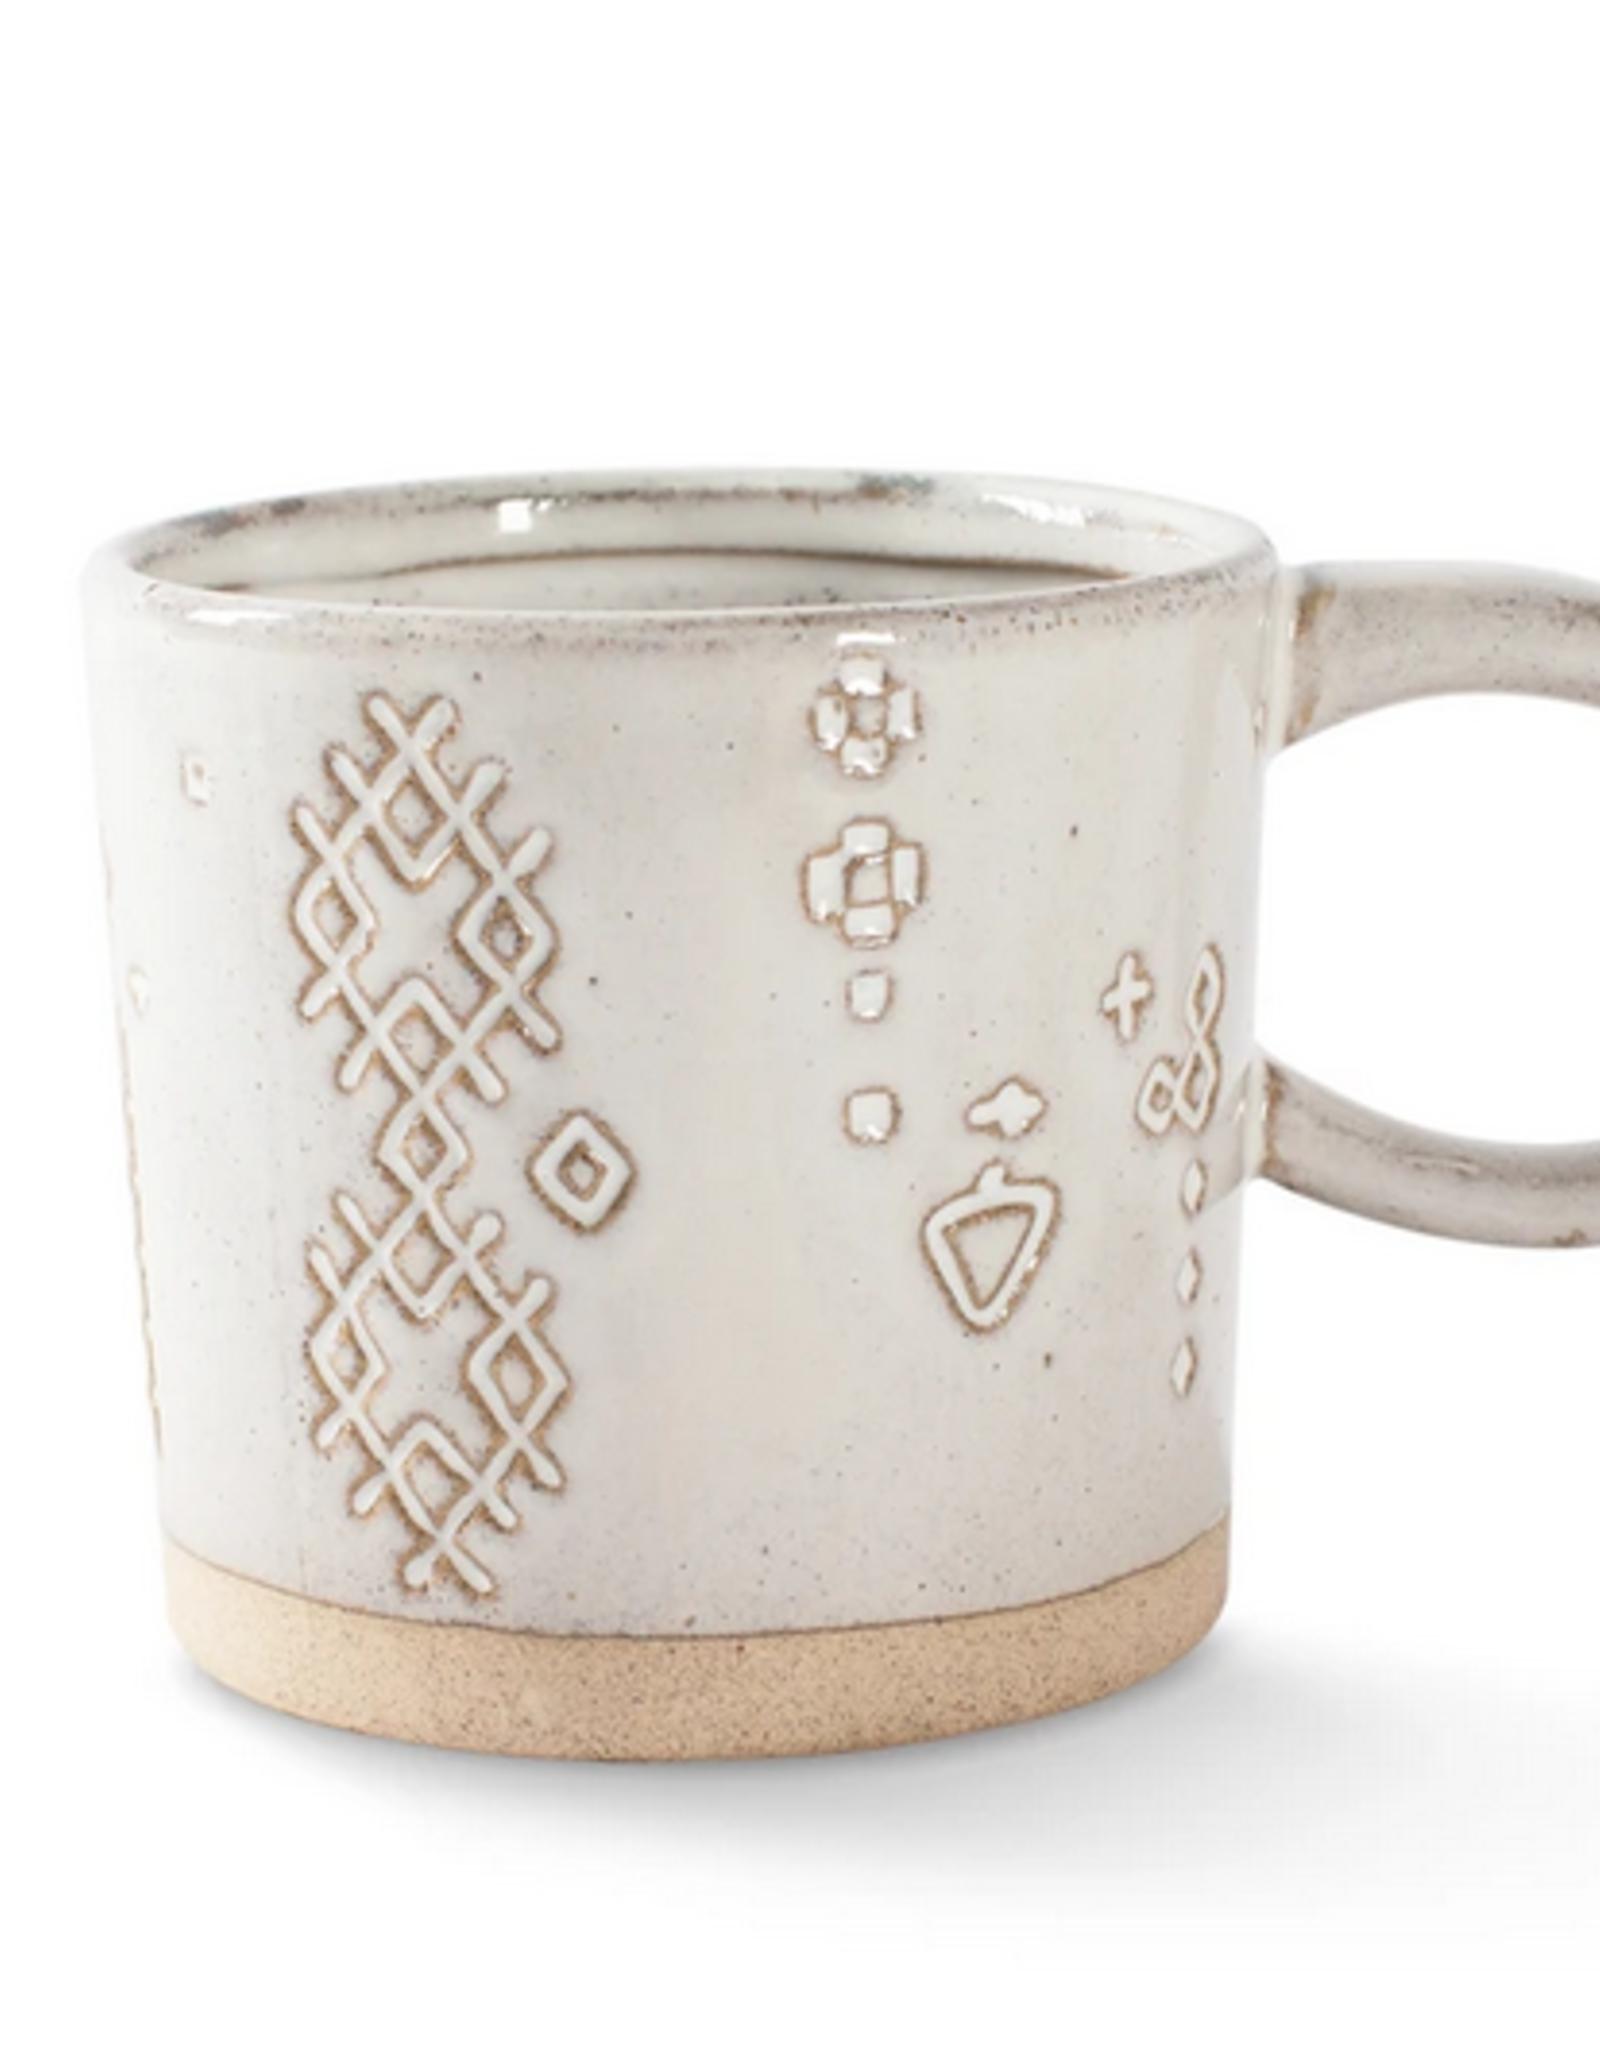 Marks White Artisan Mug